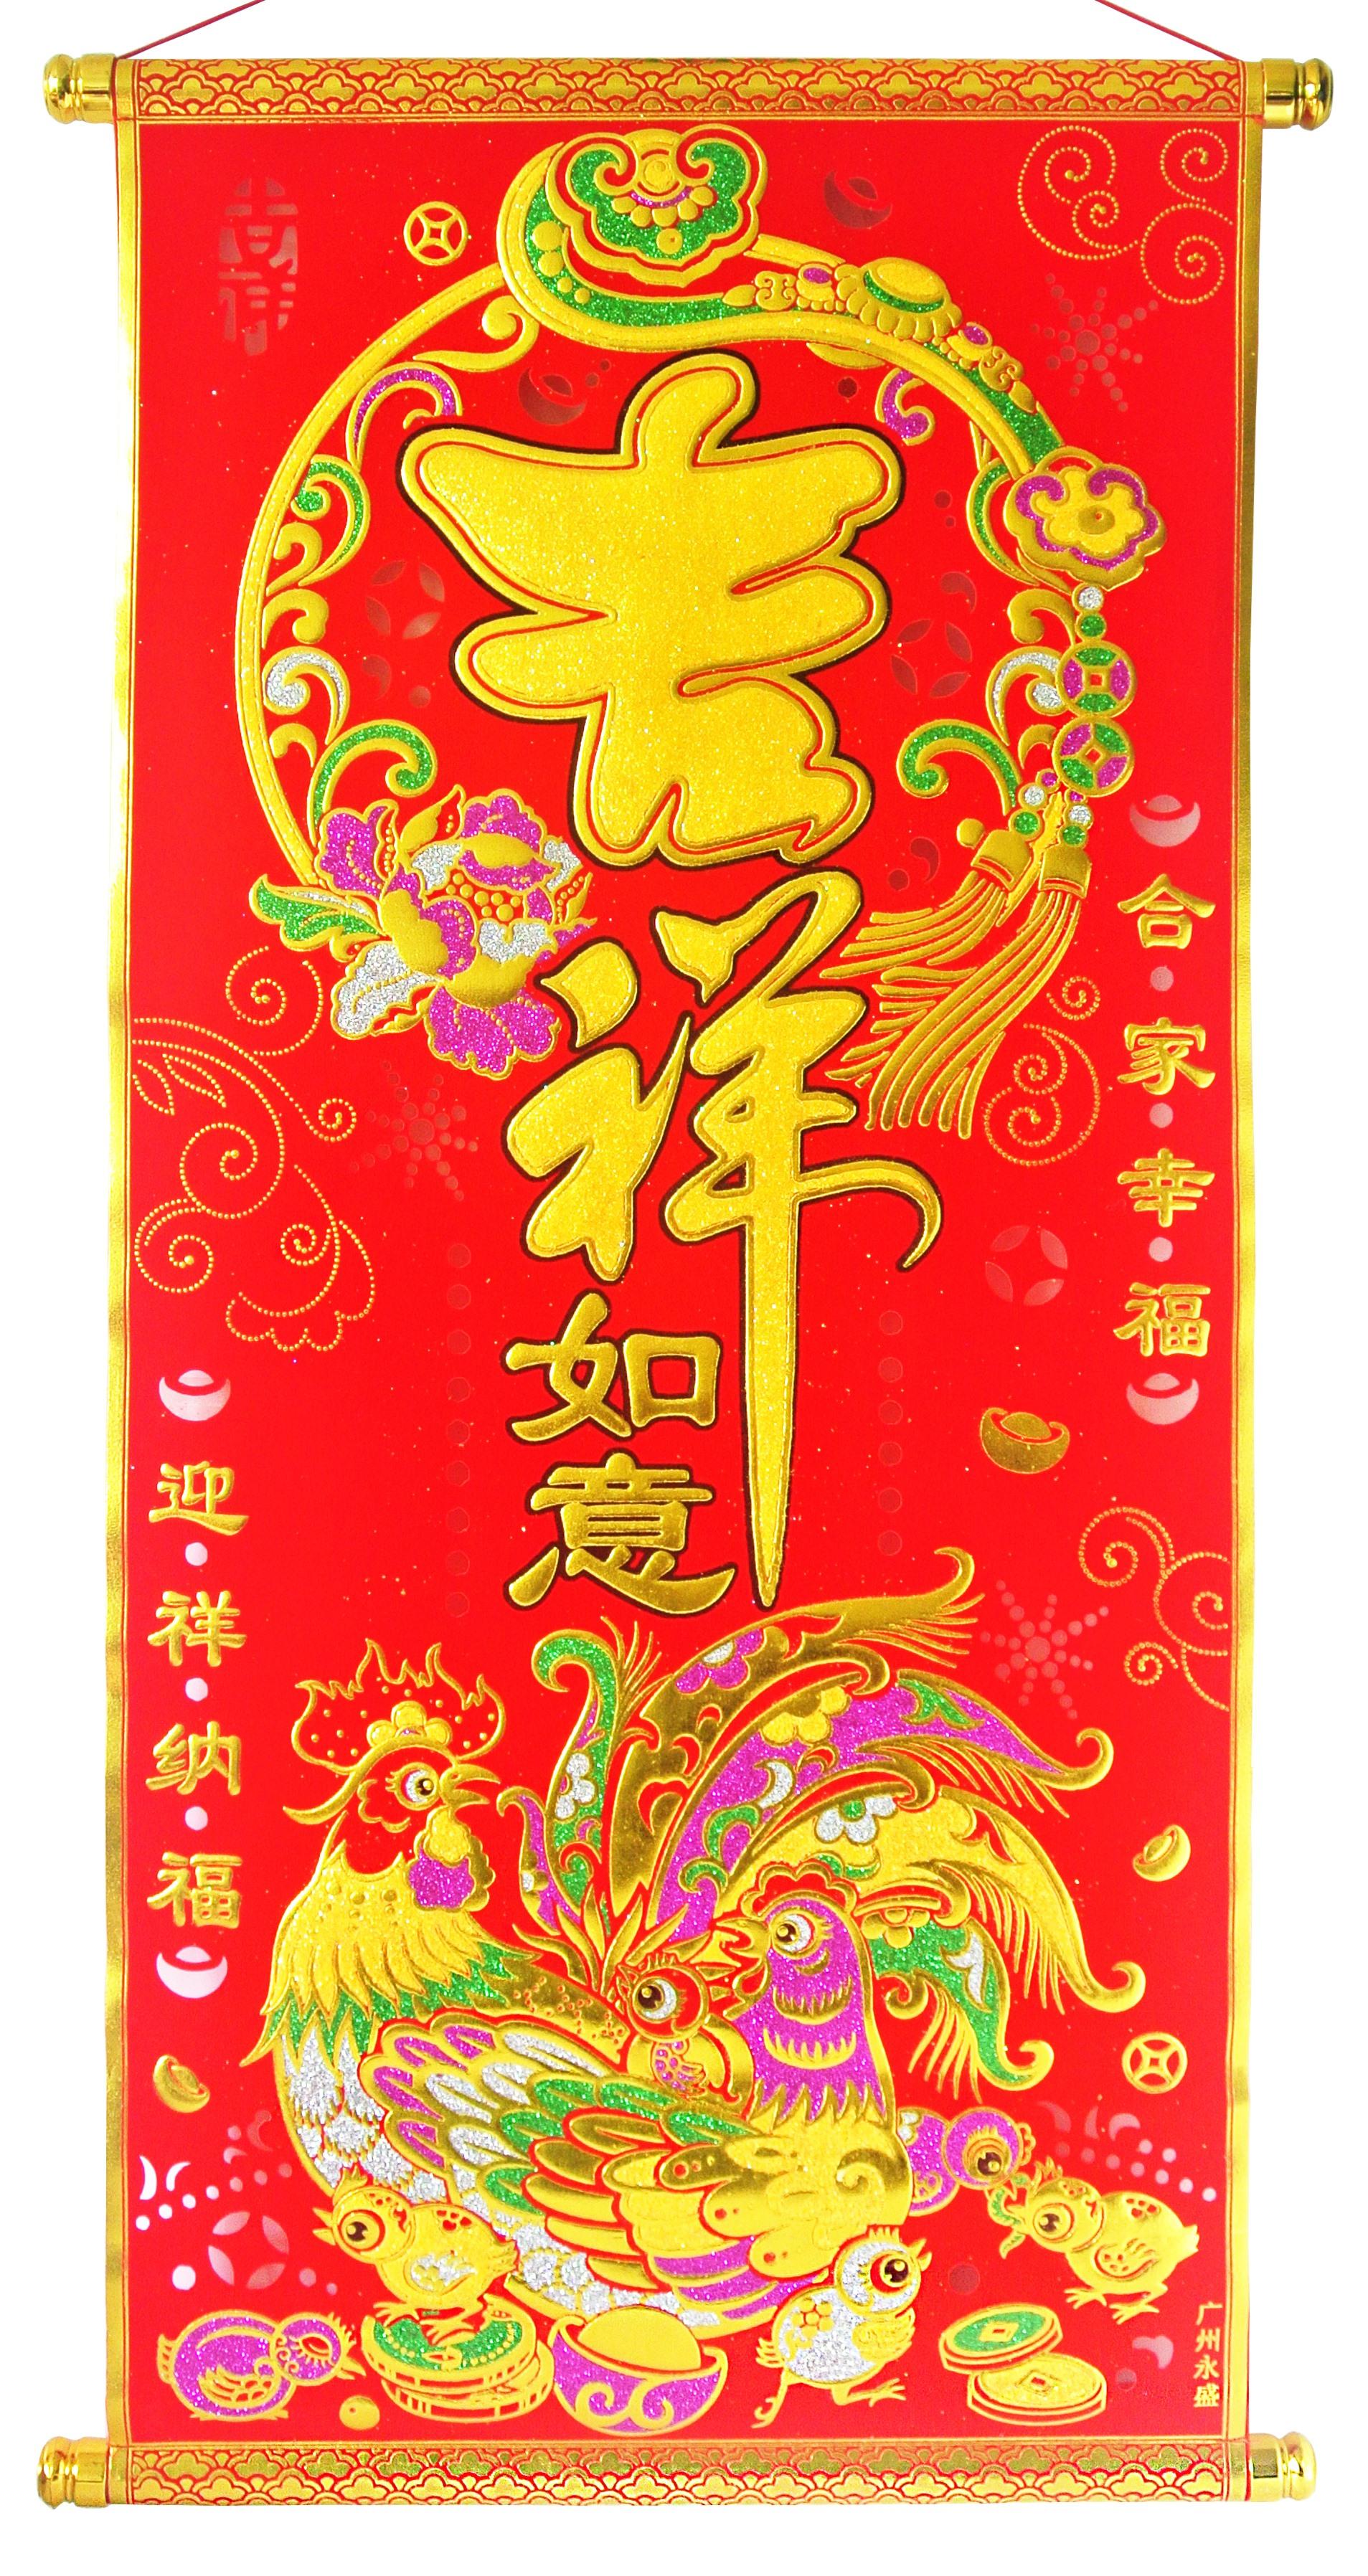 X射線【Z717888】彩金大掛軸-吉祥如意,春節/過年佈置/雞年/掛飾/元寶/吊飾